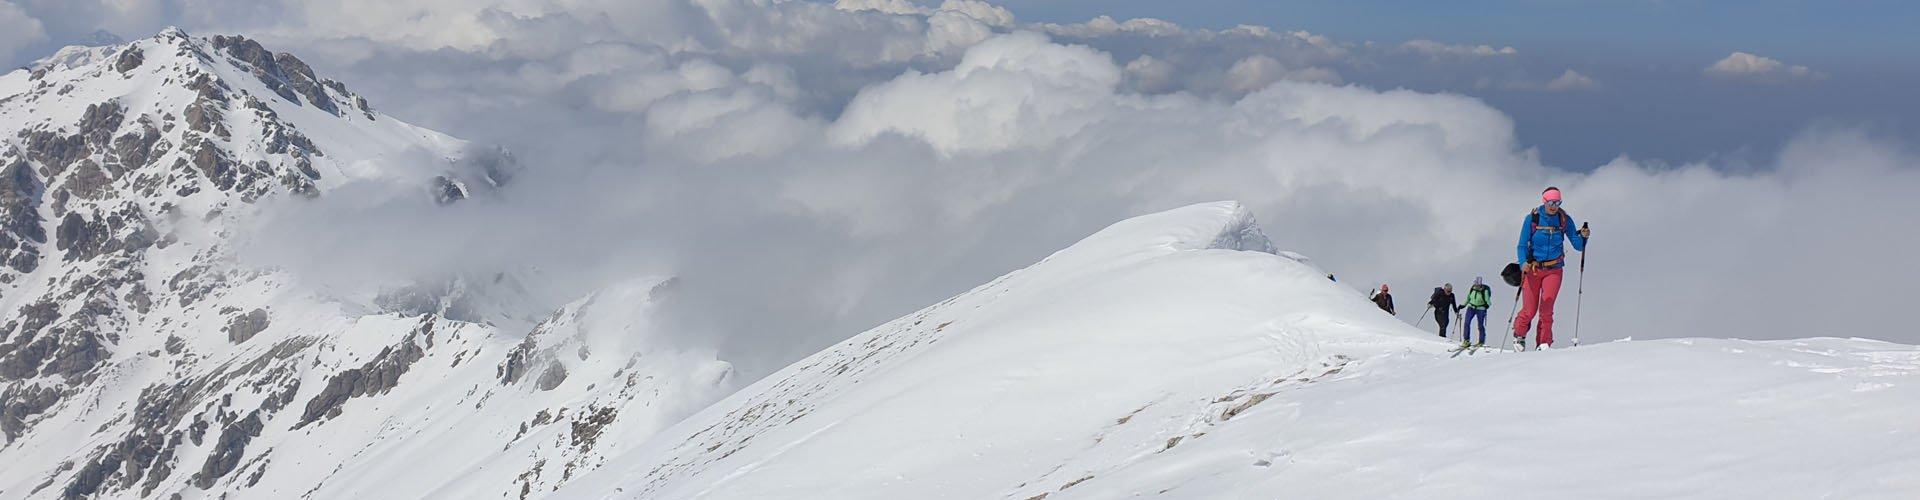 aus den Wolken auftauchen